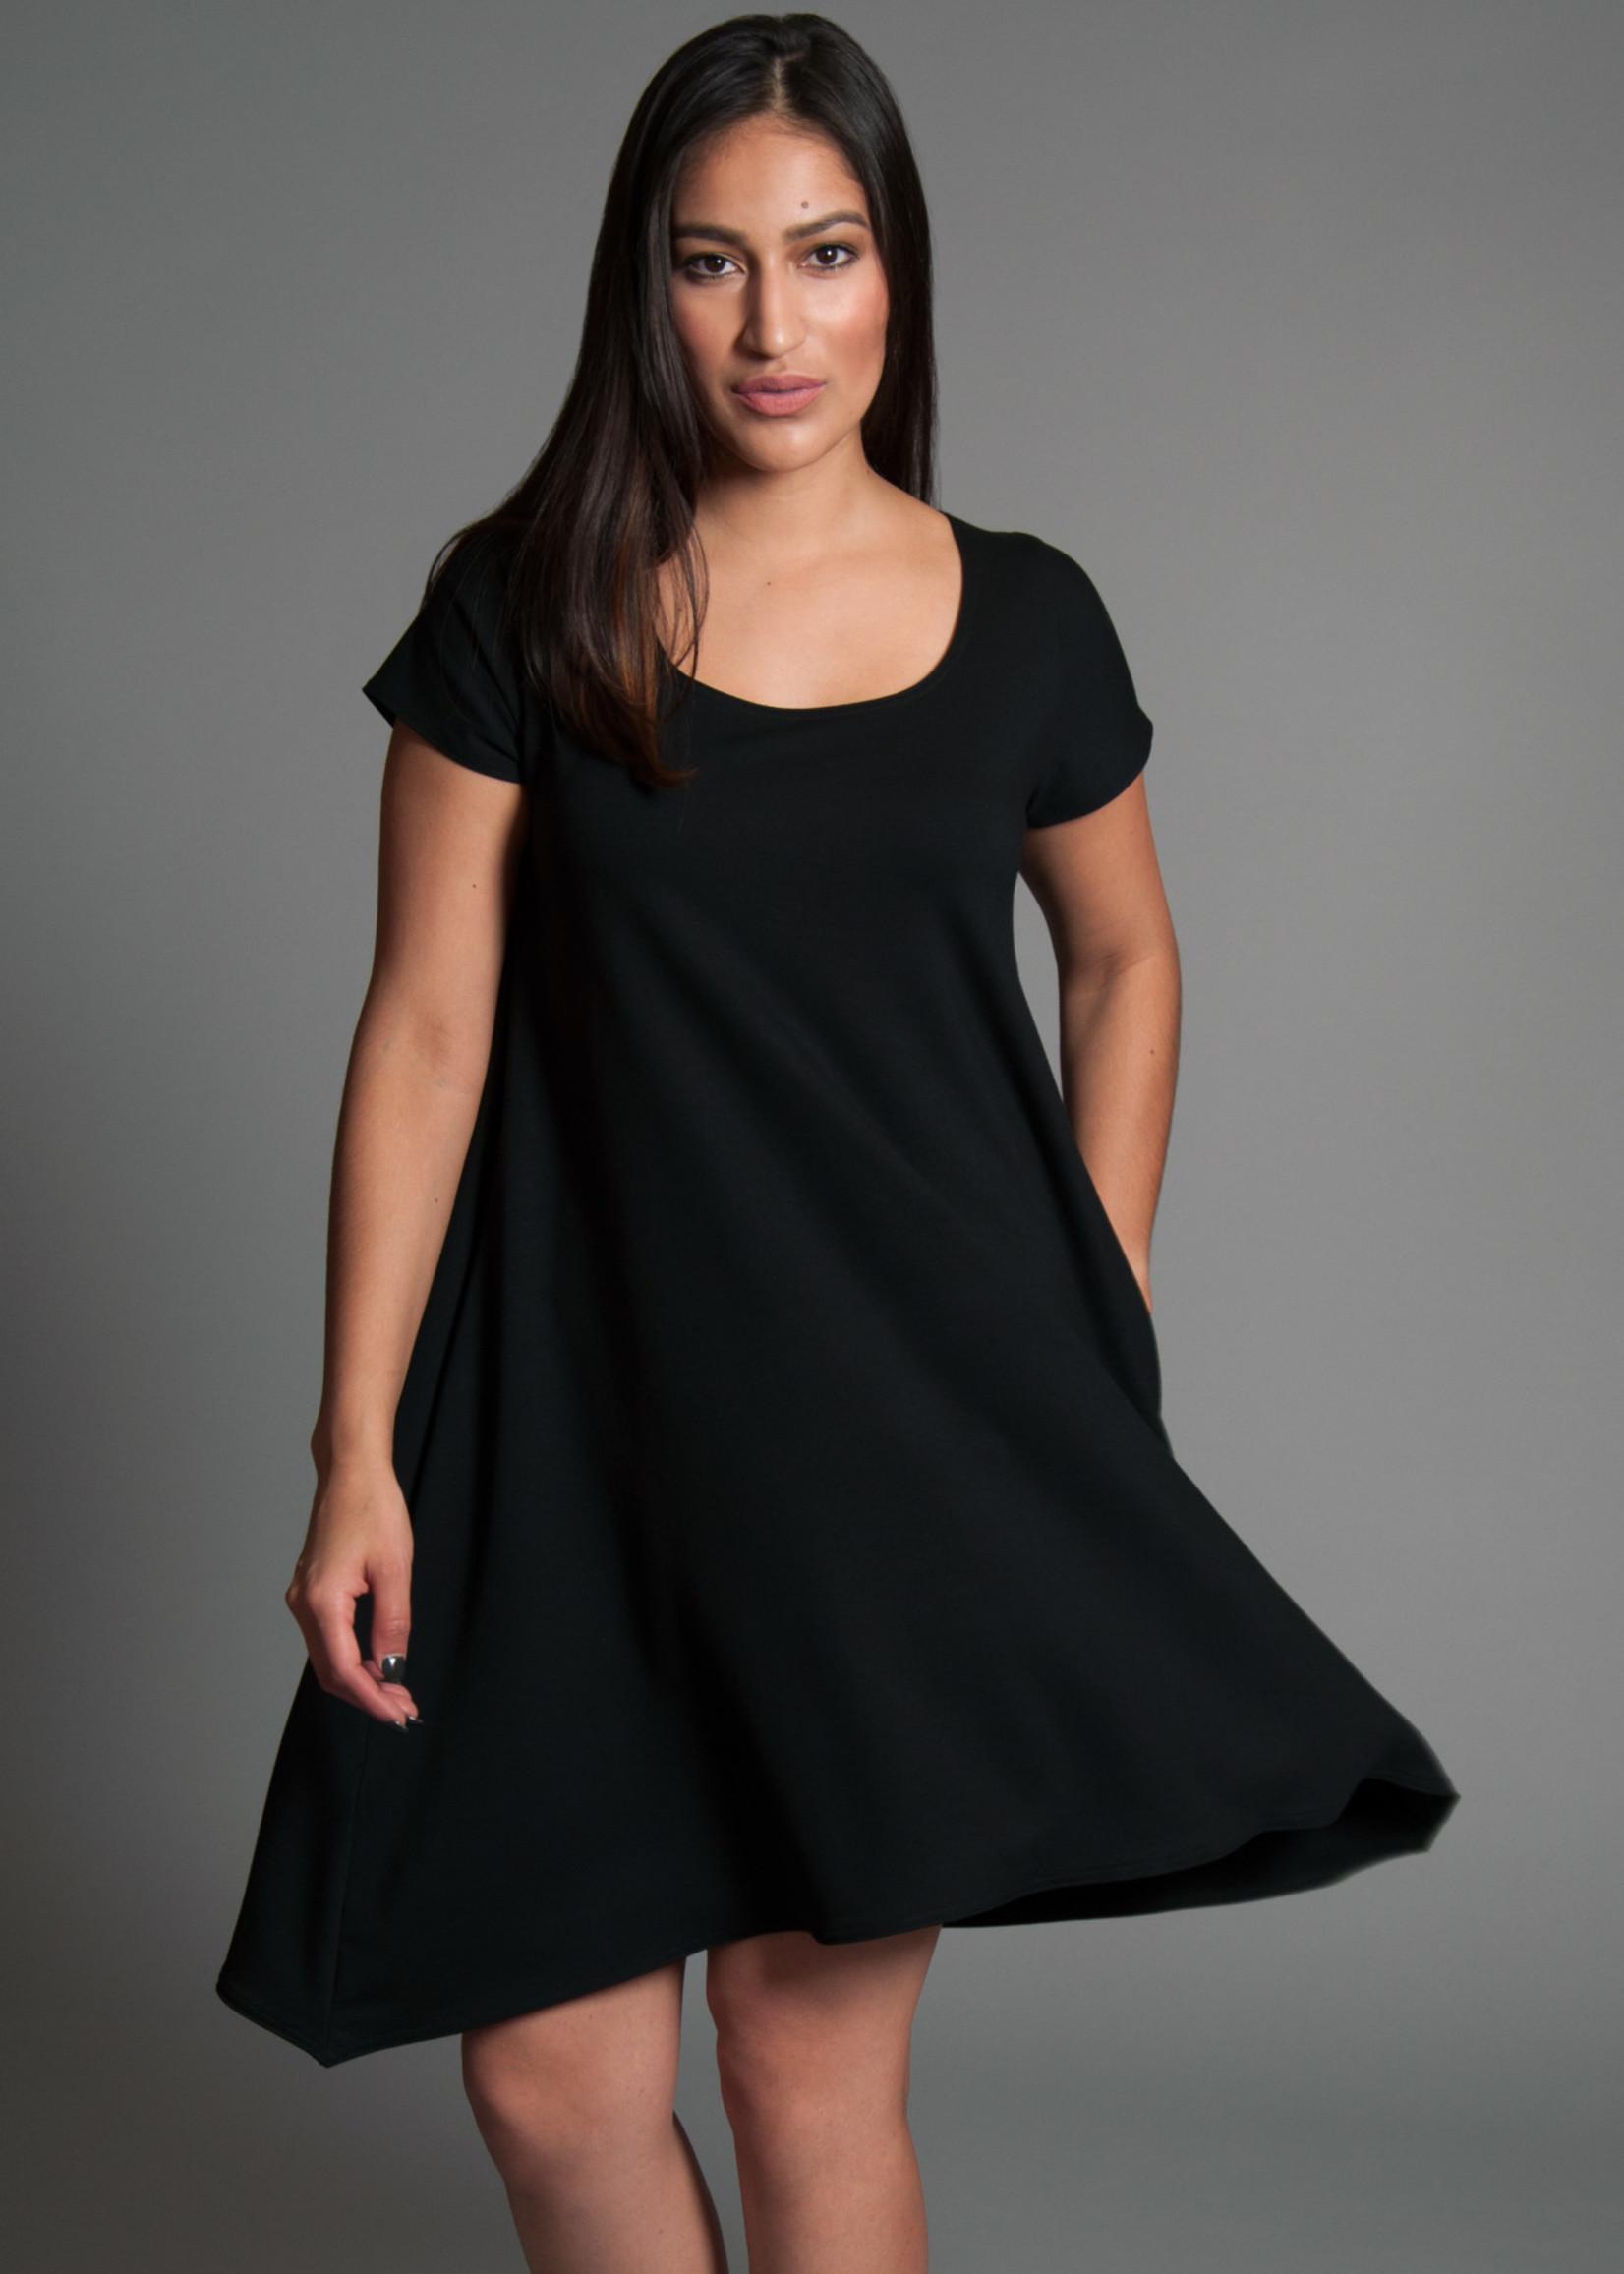 SARAH KUENYEFU VIVI DRESS -CAP SLEEVES